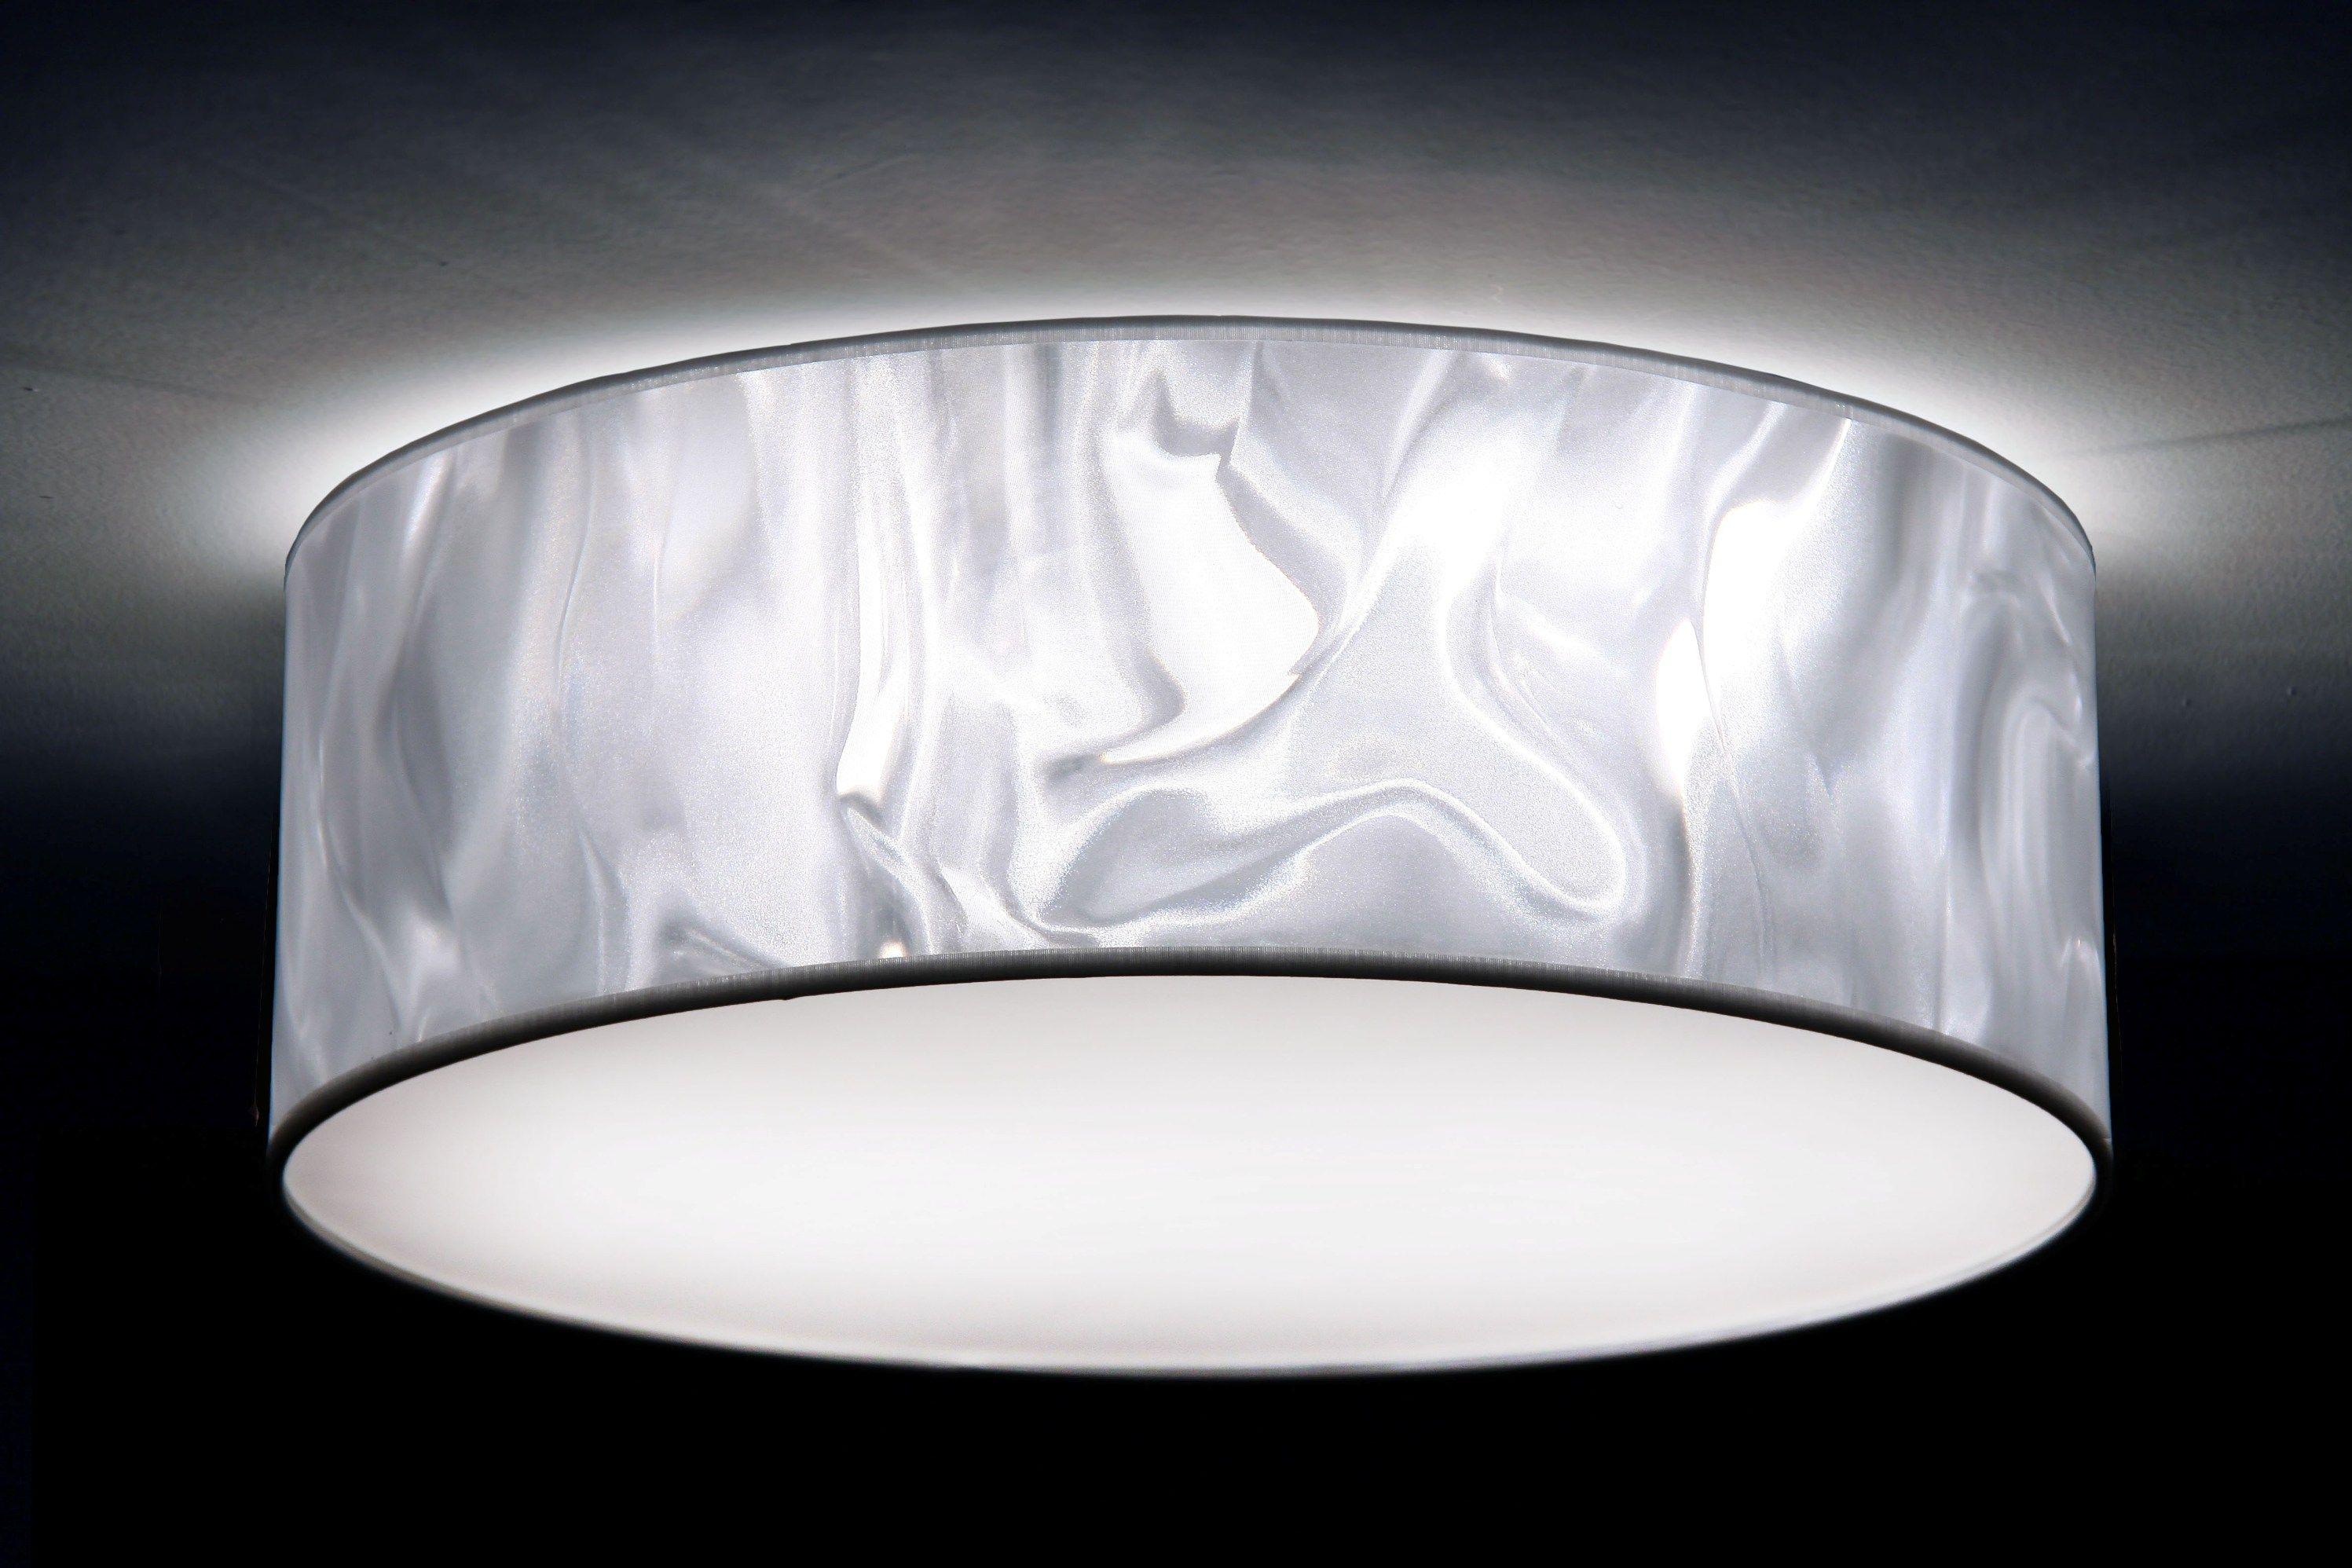 Deckenleuchte In 3d Folie Weiss 3xe27 Unterschiedliche Grossen Von 40 Bis 70 Cm Durchmesser Individuelle Anfertigung Made Deckenlampe Deckenleuchten 3d Folie